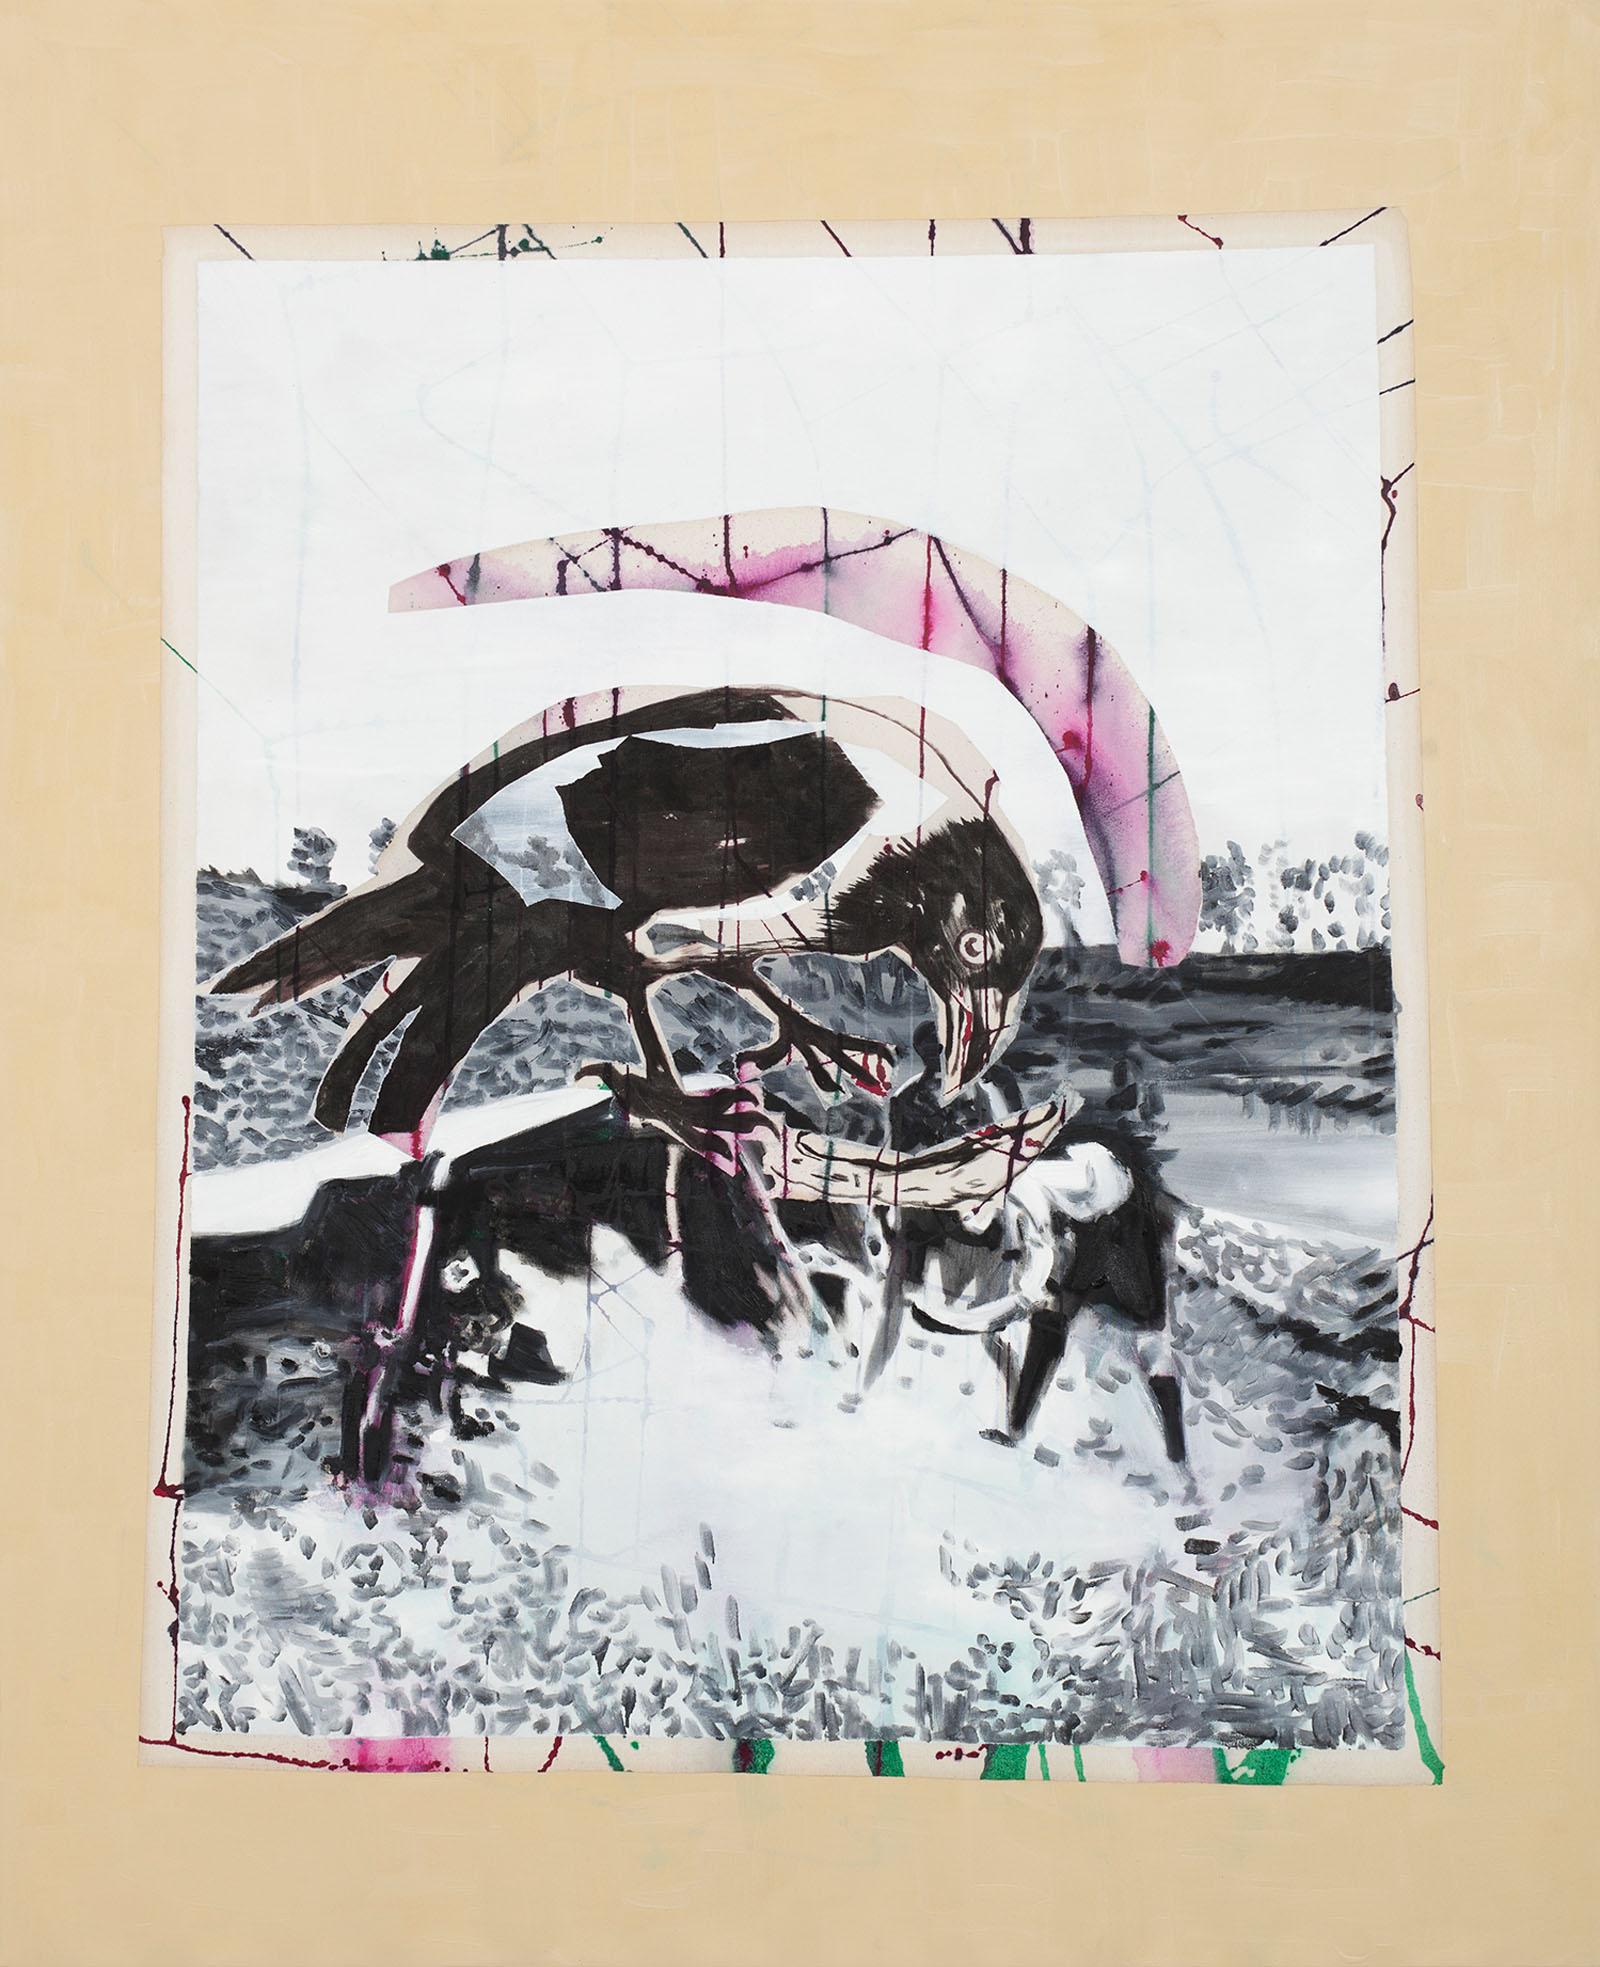 """o.T. aus """"Wenig Zeit zwischen zwei Fingern"""", 2013, 160 x 130 cm, Mischtechnik auf Leinwand"""